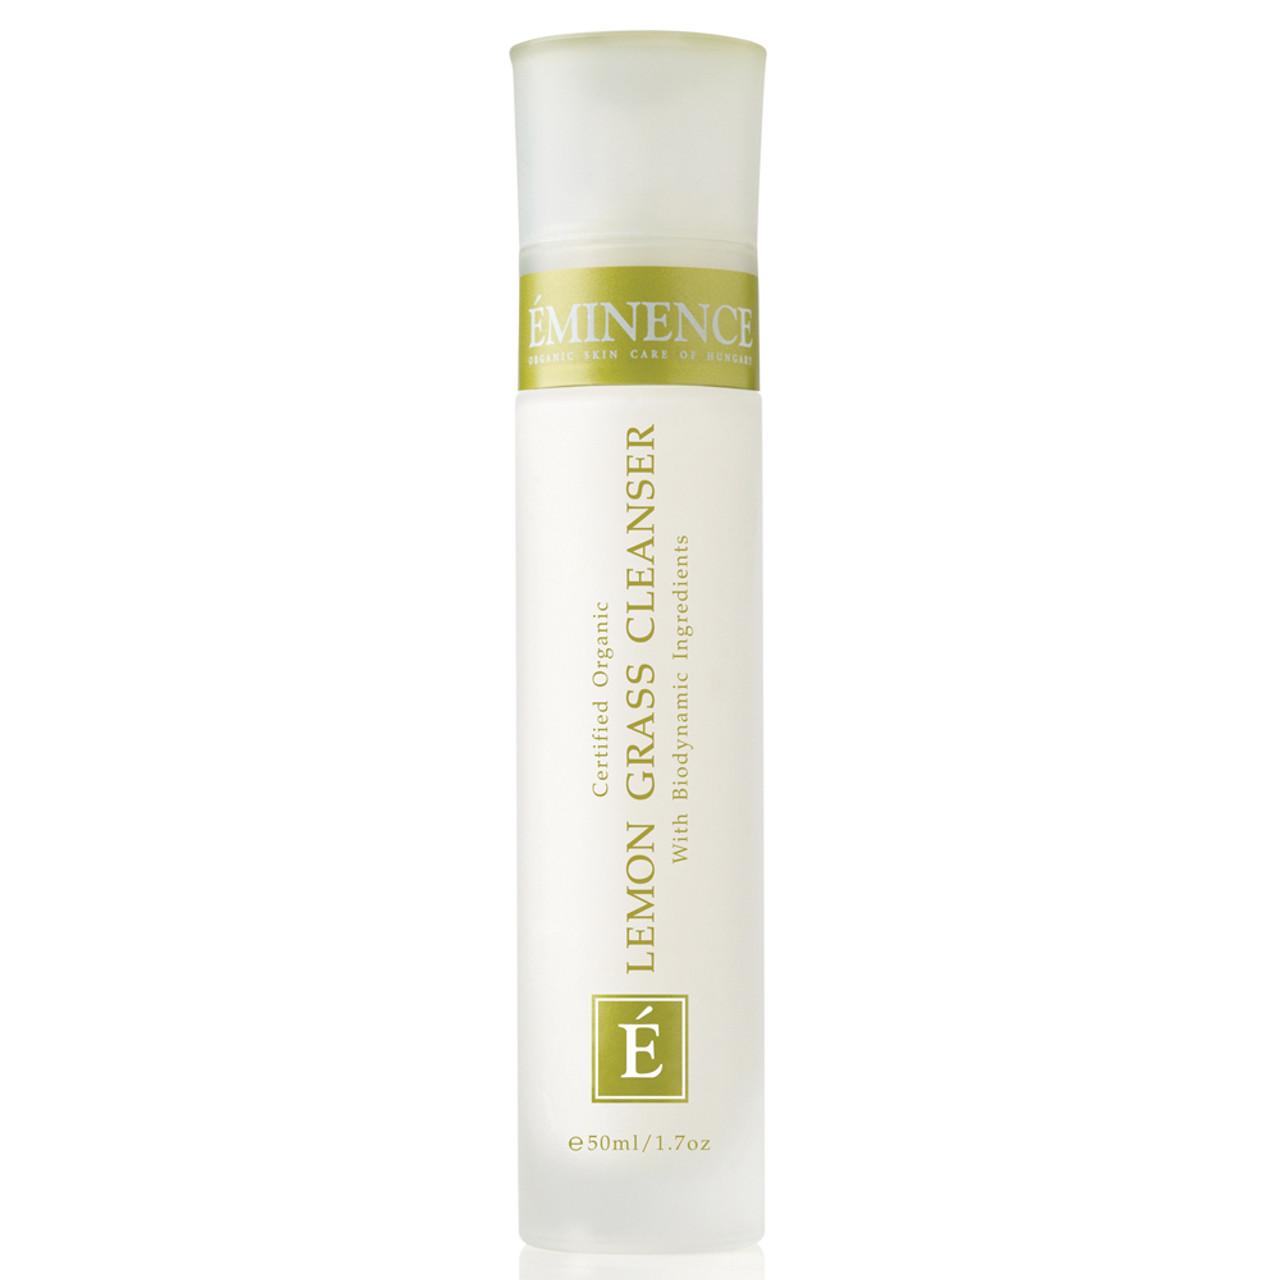 Eminence Lemon Grass Cleanser